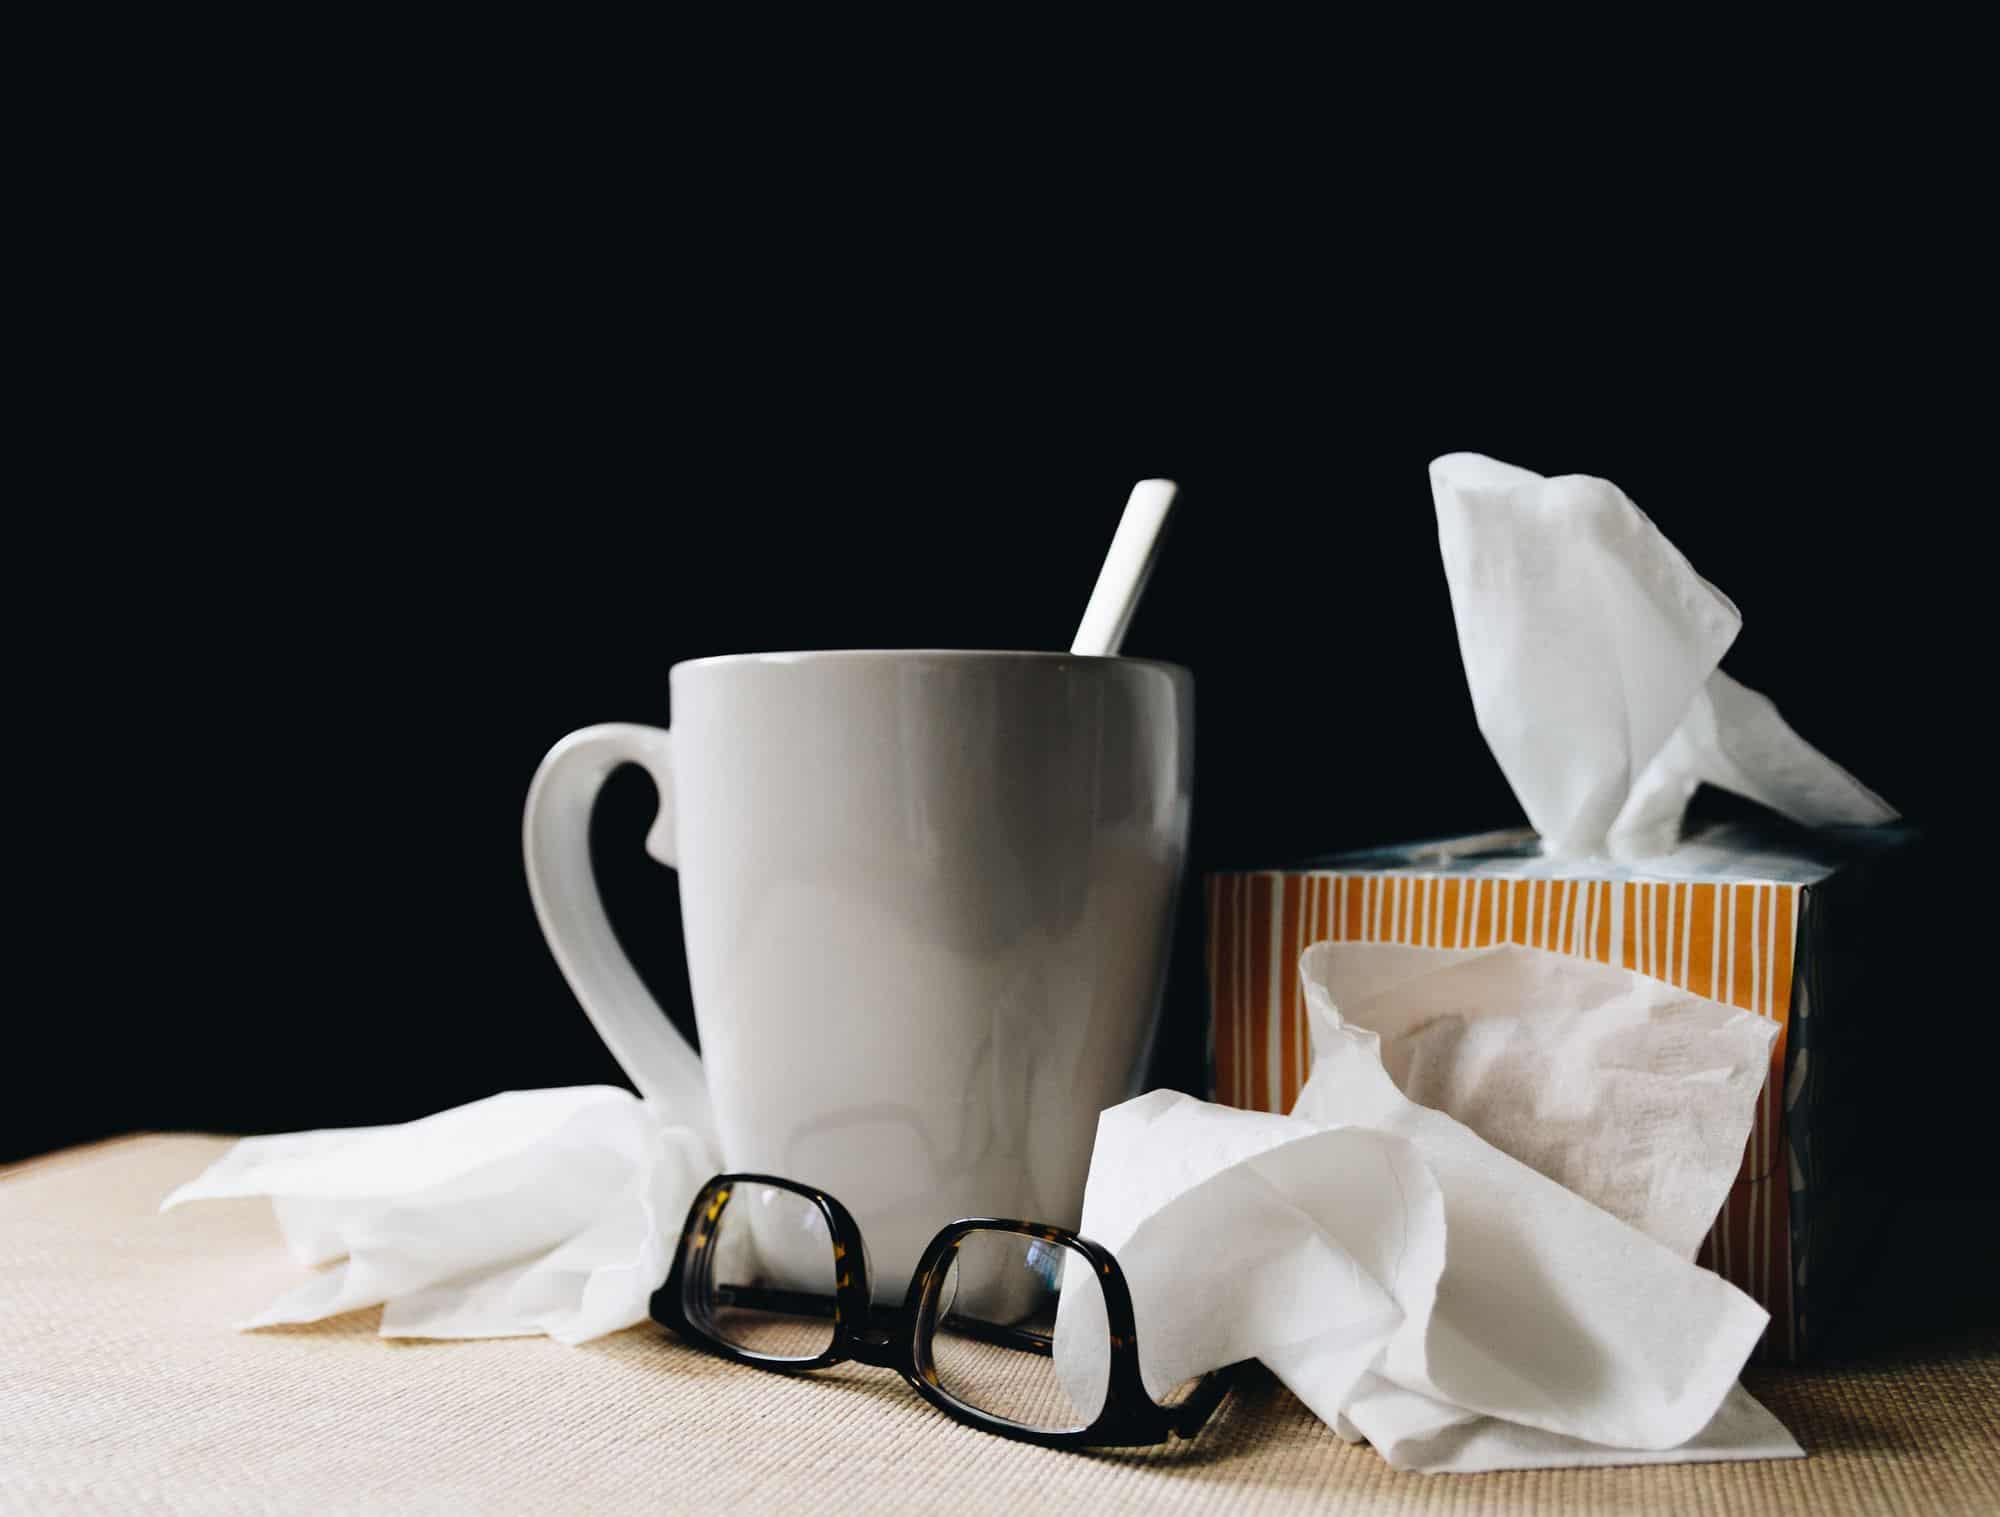 mug and tissues